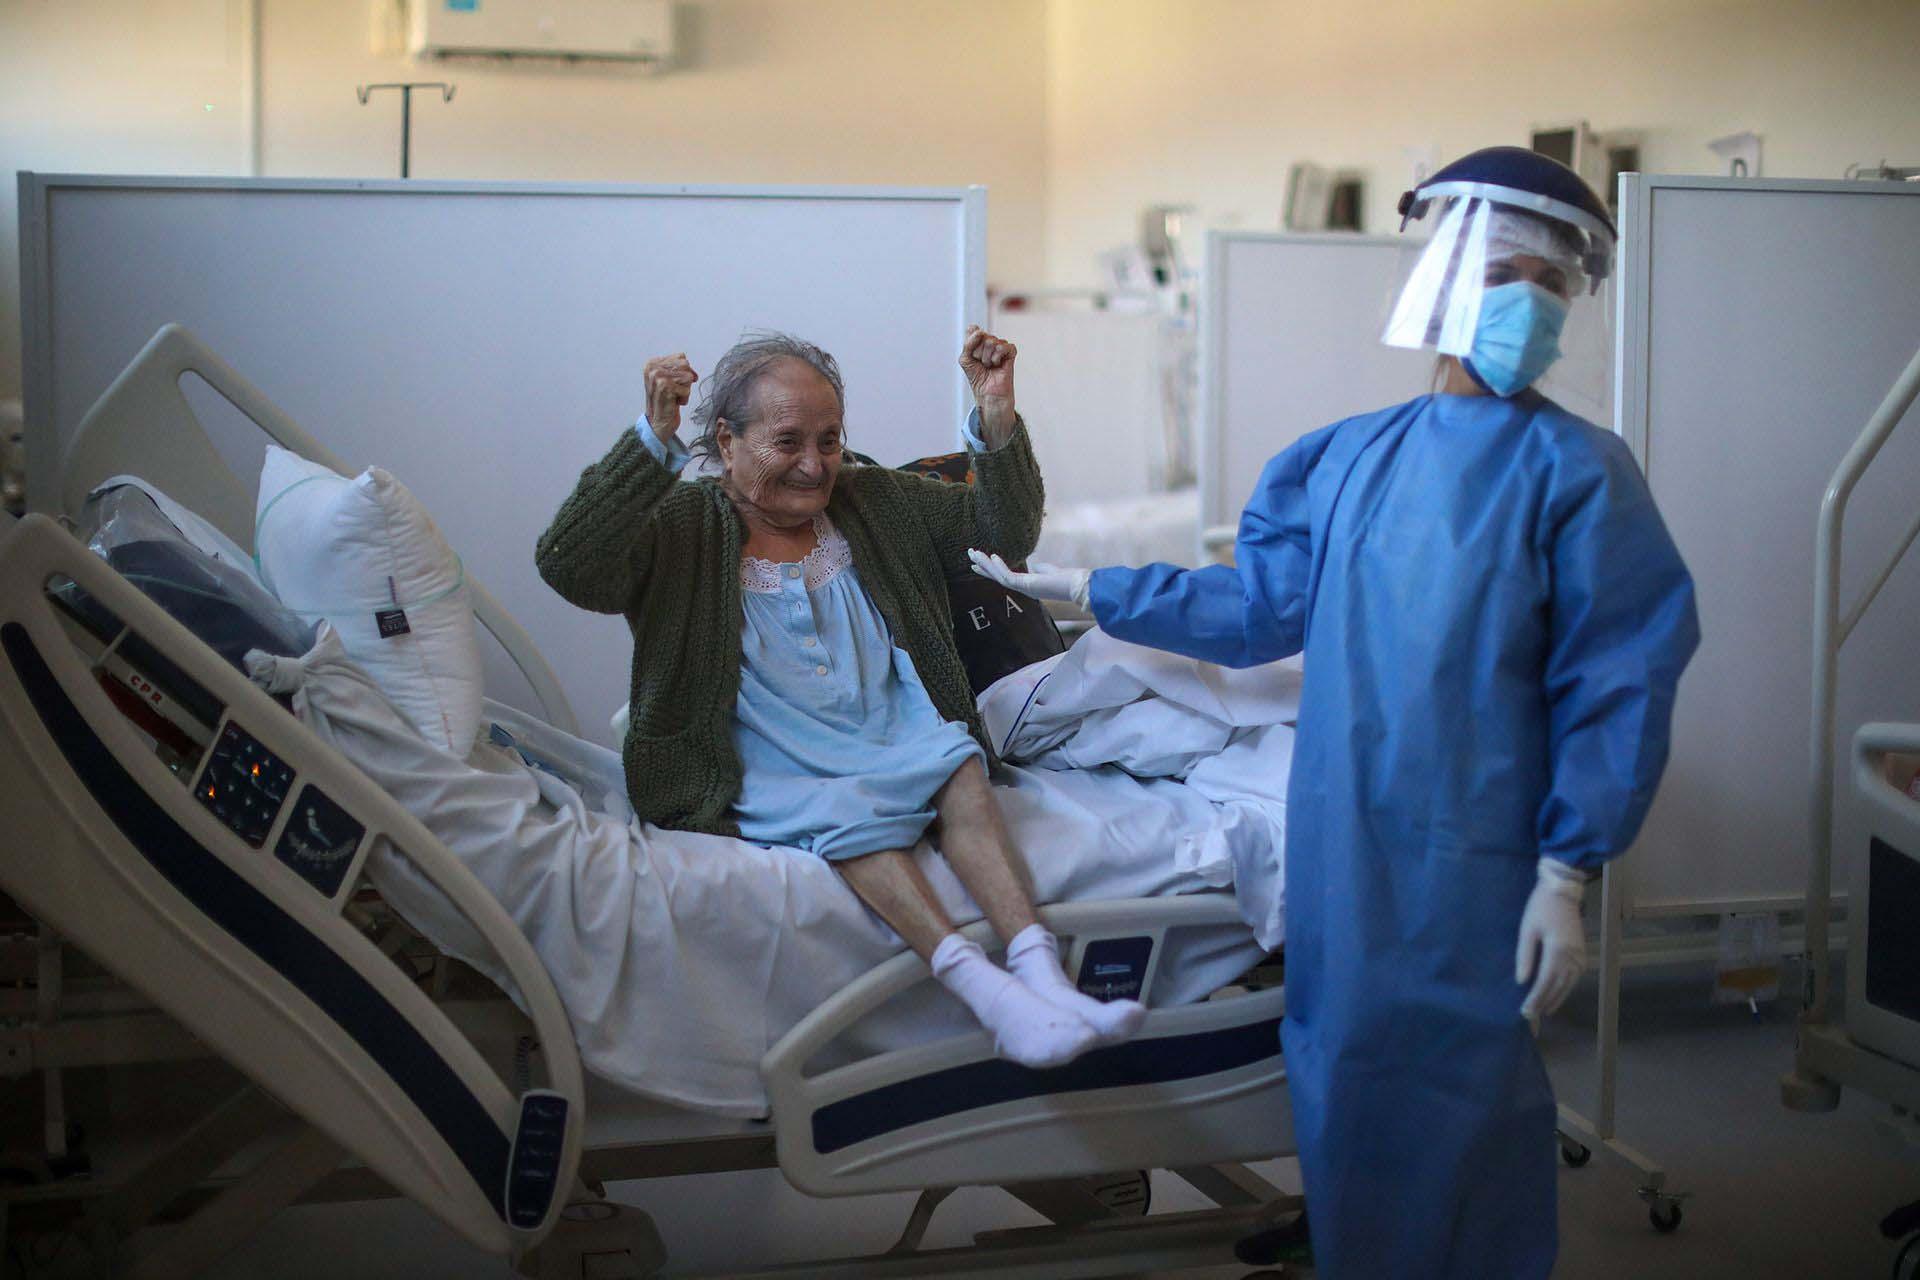 Blanca Ortiz tiene 84 años y estuvo internada varias semanas en el Hospital Eurnekian de Ezeiza, en las afueras de Buenos Aires, El jueves 13 de agosto de 2020 recibió el alta tras haberse contagiado coronavirus